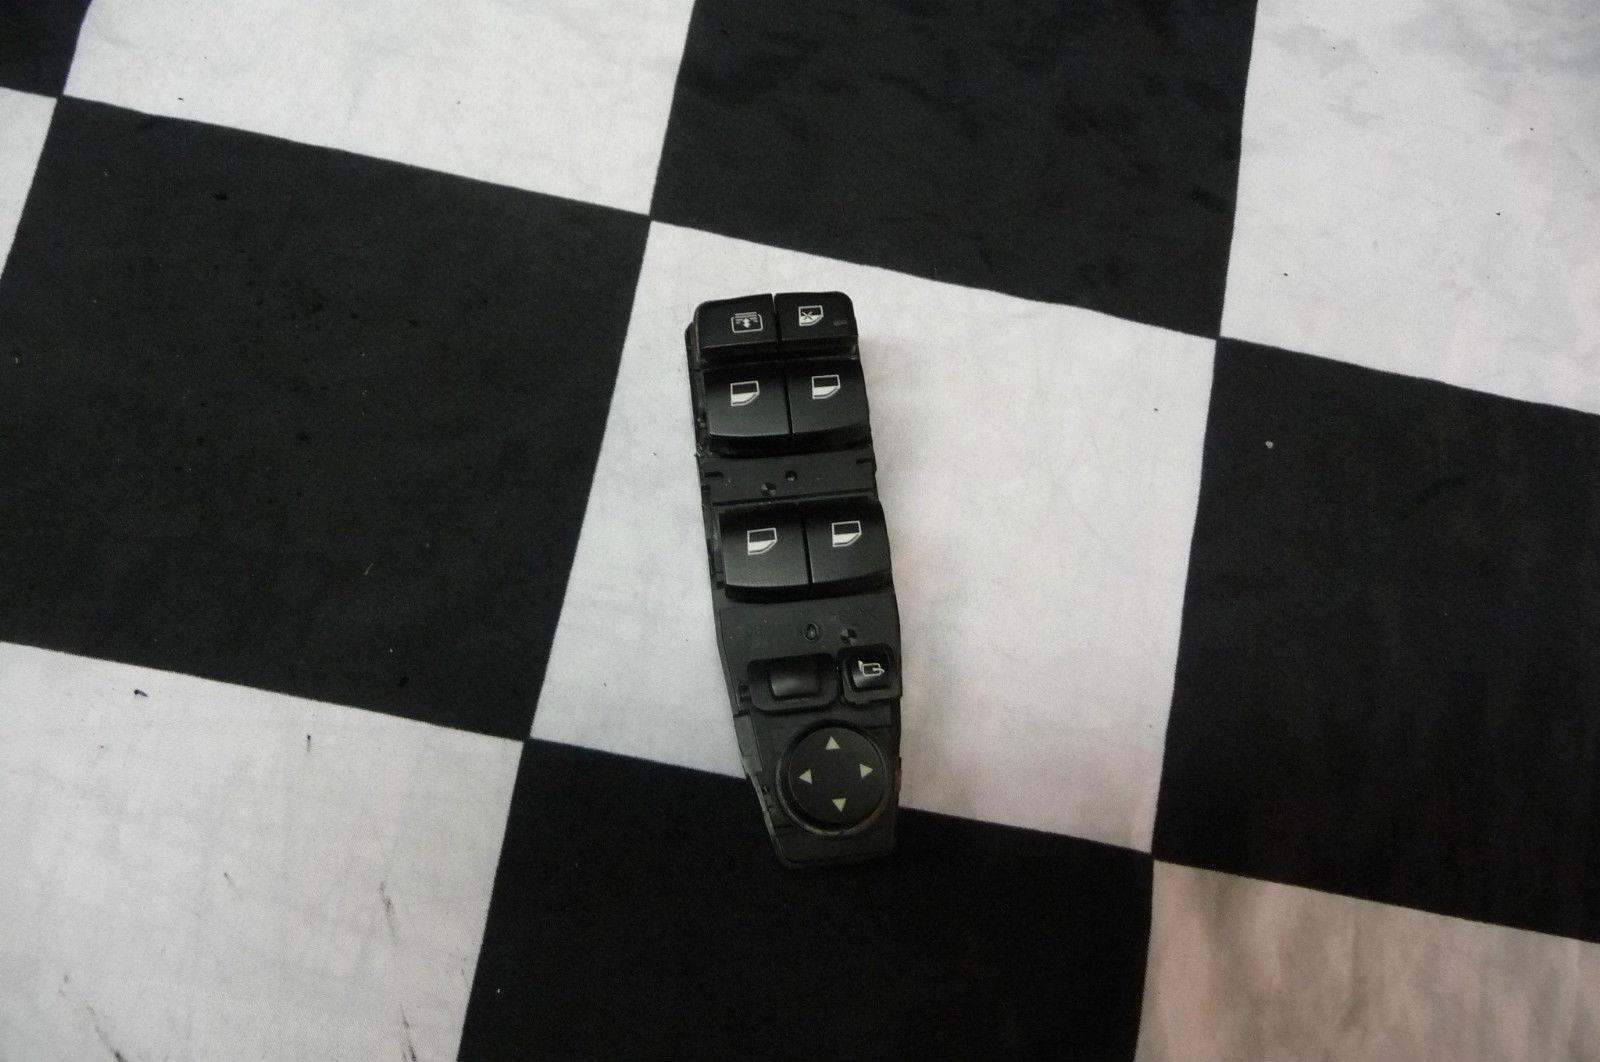 2010 2011 2012 2013 2014 2015 2016 2017 BMW F07 F10 F11 F06 528i 535i 550i 650i Front Left Windows Lifting Master Switch Module 61319241956 ; 61319179915; 61319238240 OE